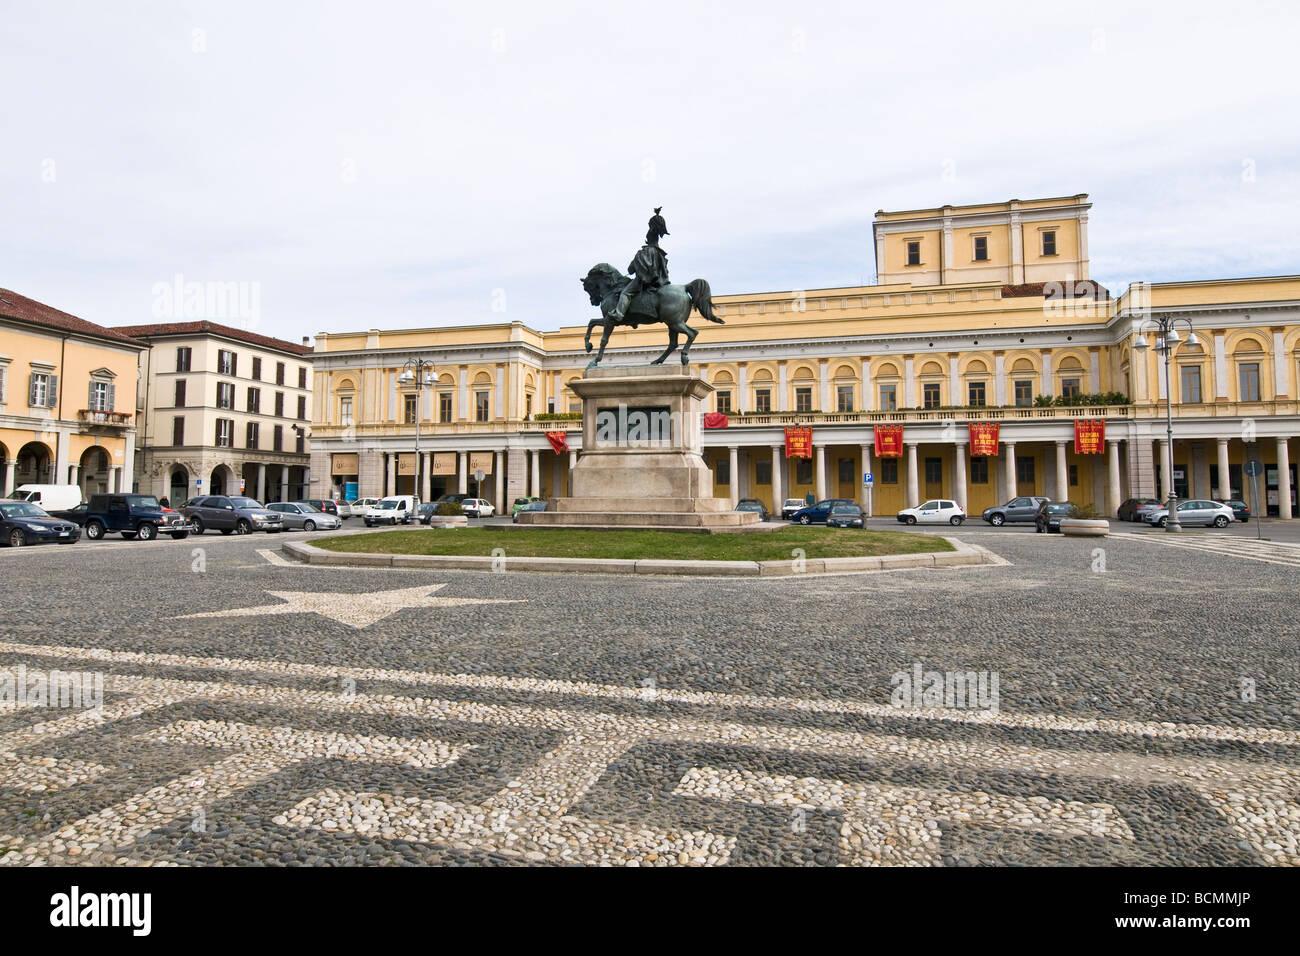 Piazza Martiri della Libertà Novara Italy - Stock Image